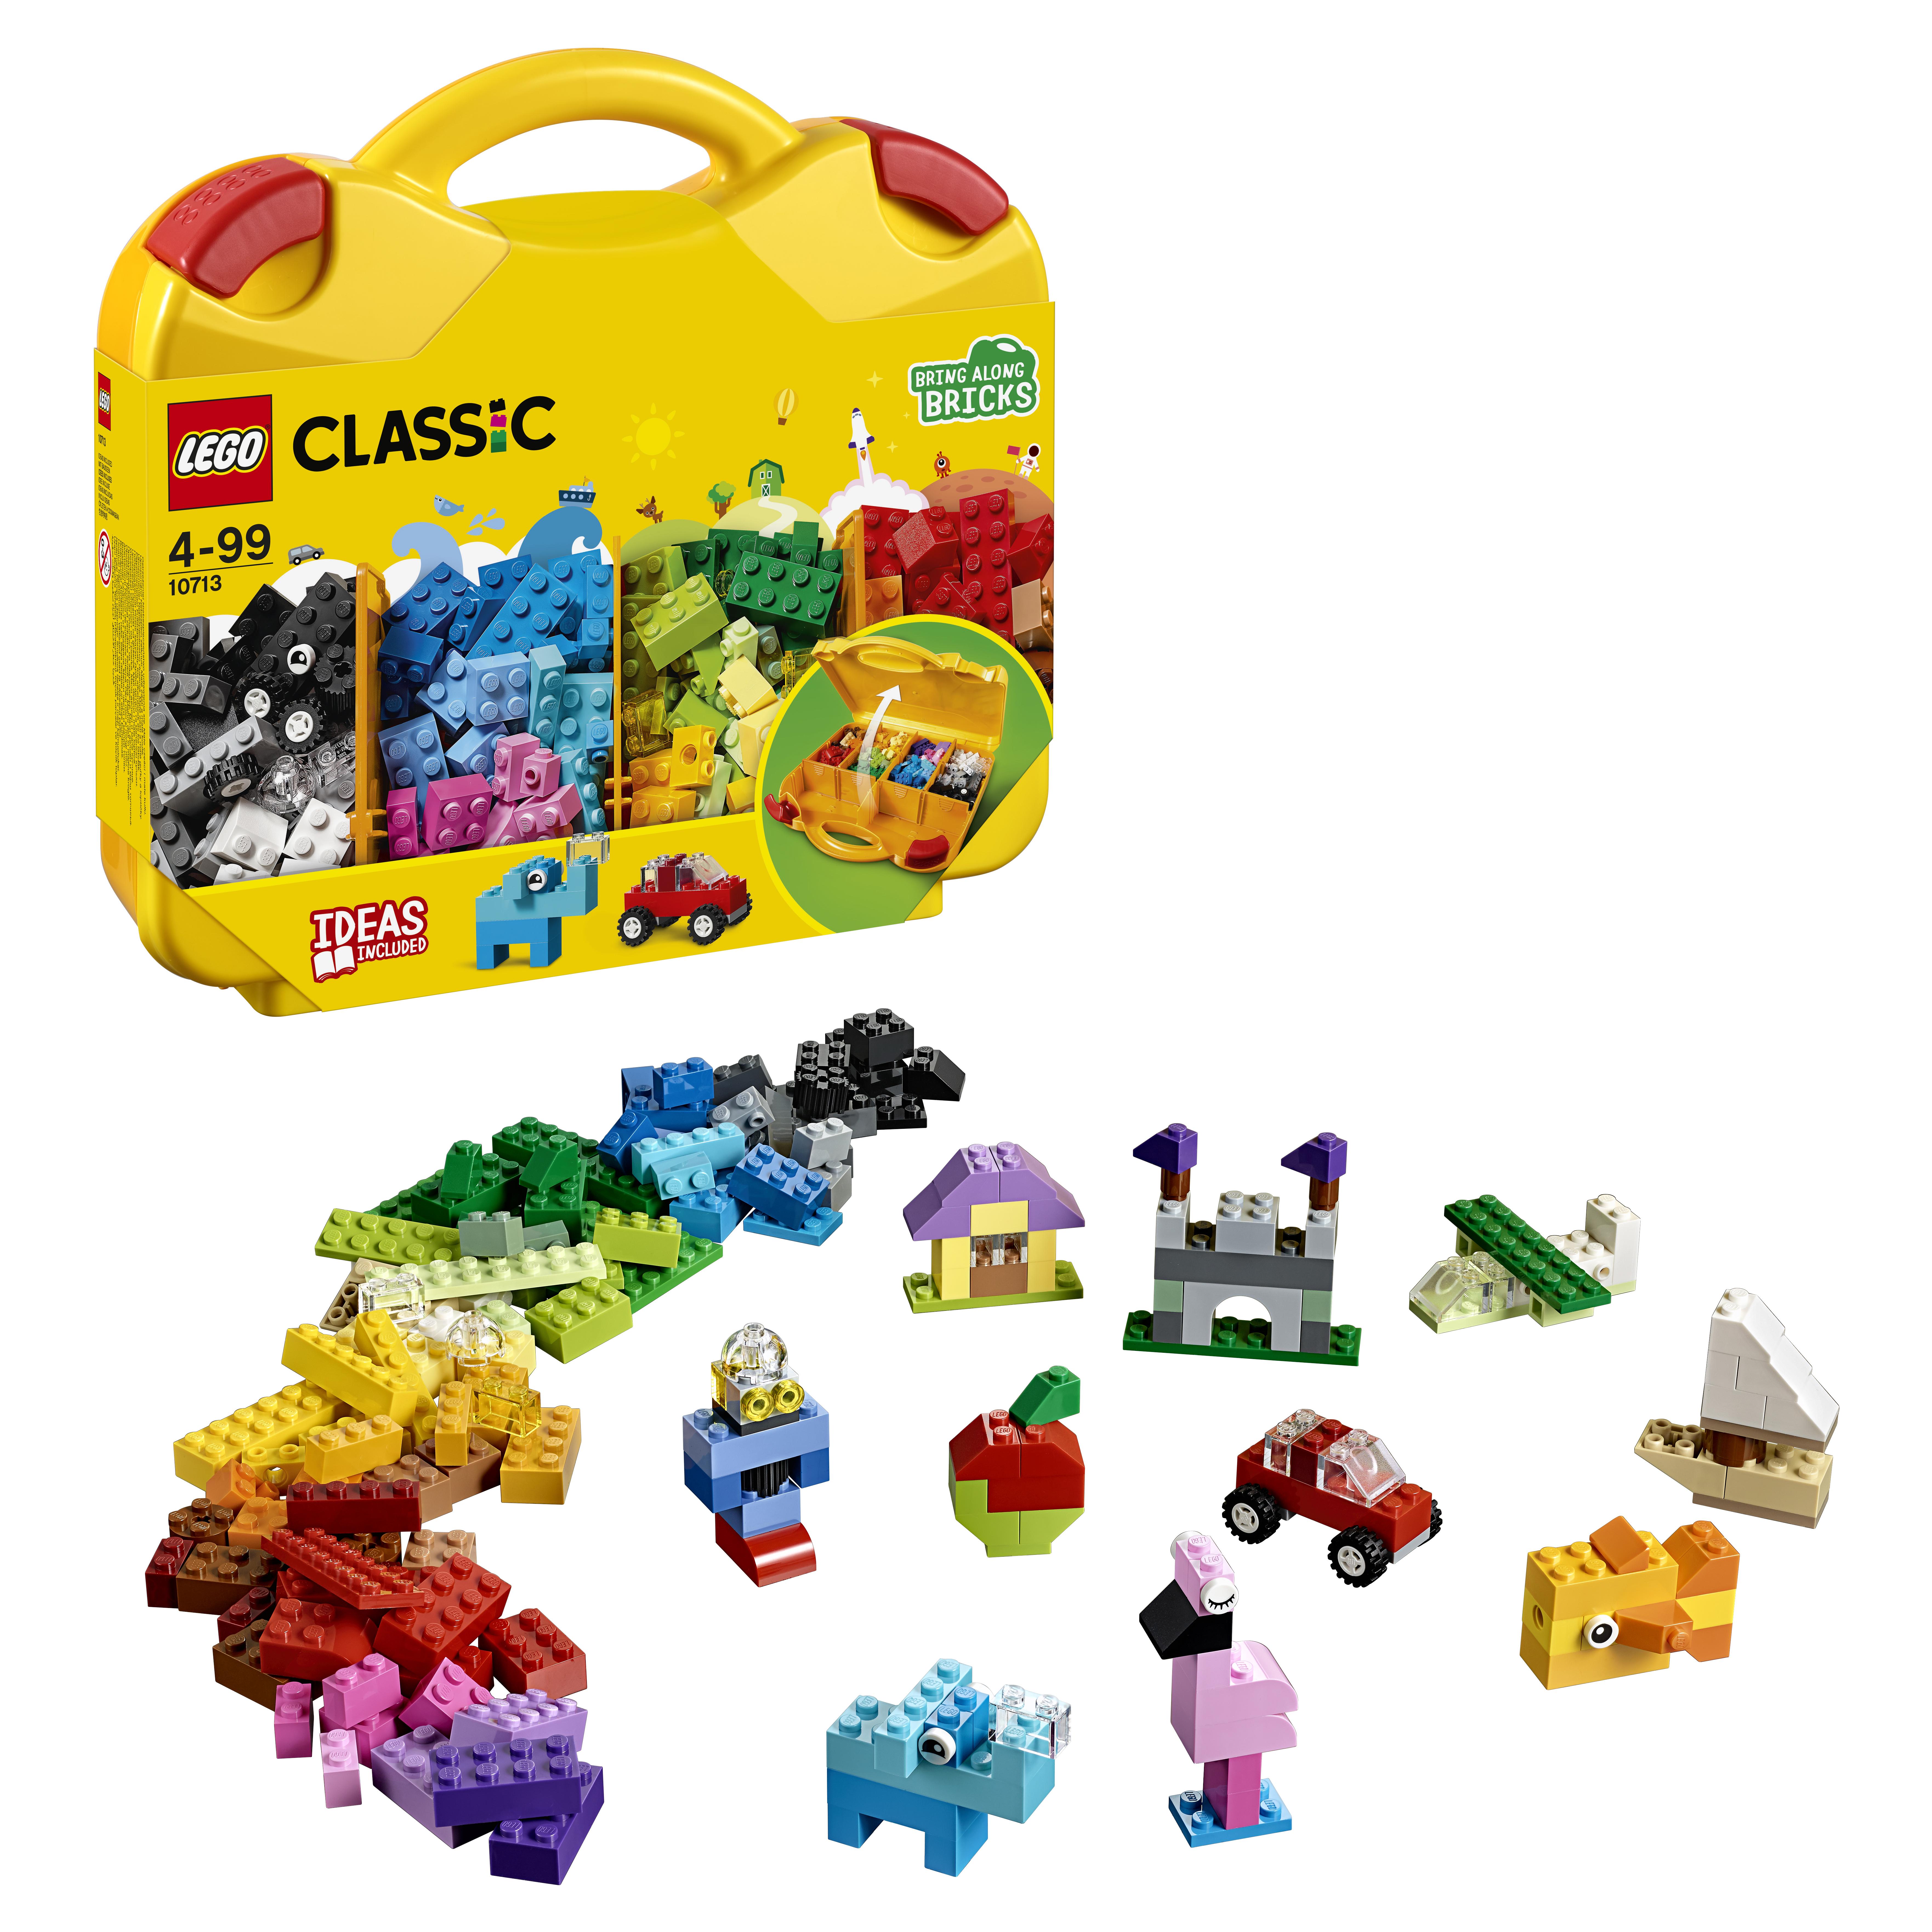 Конструктор LEGO Classic Чемоданчик для творчества и конструирования (10713) фото